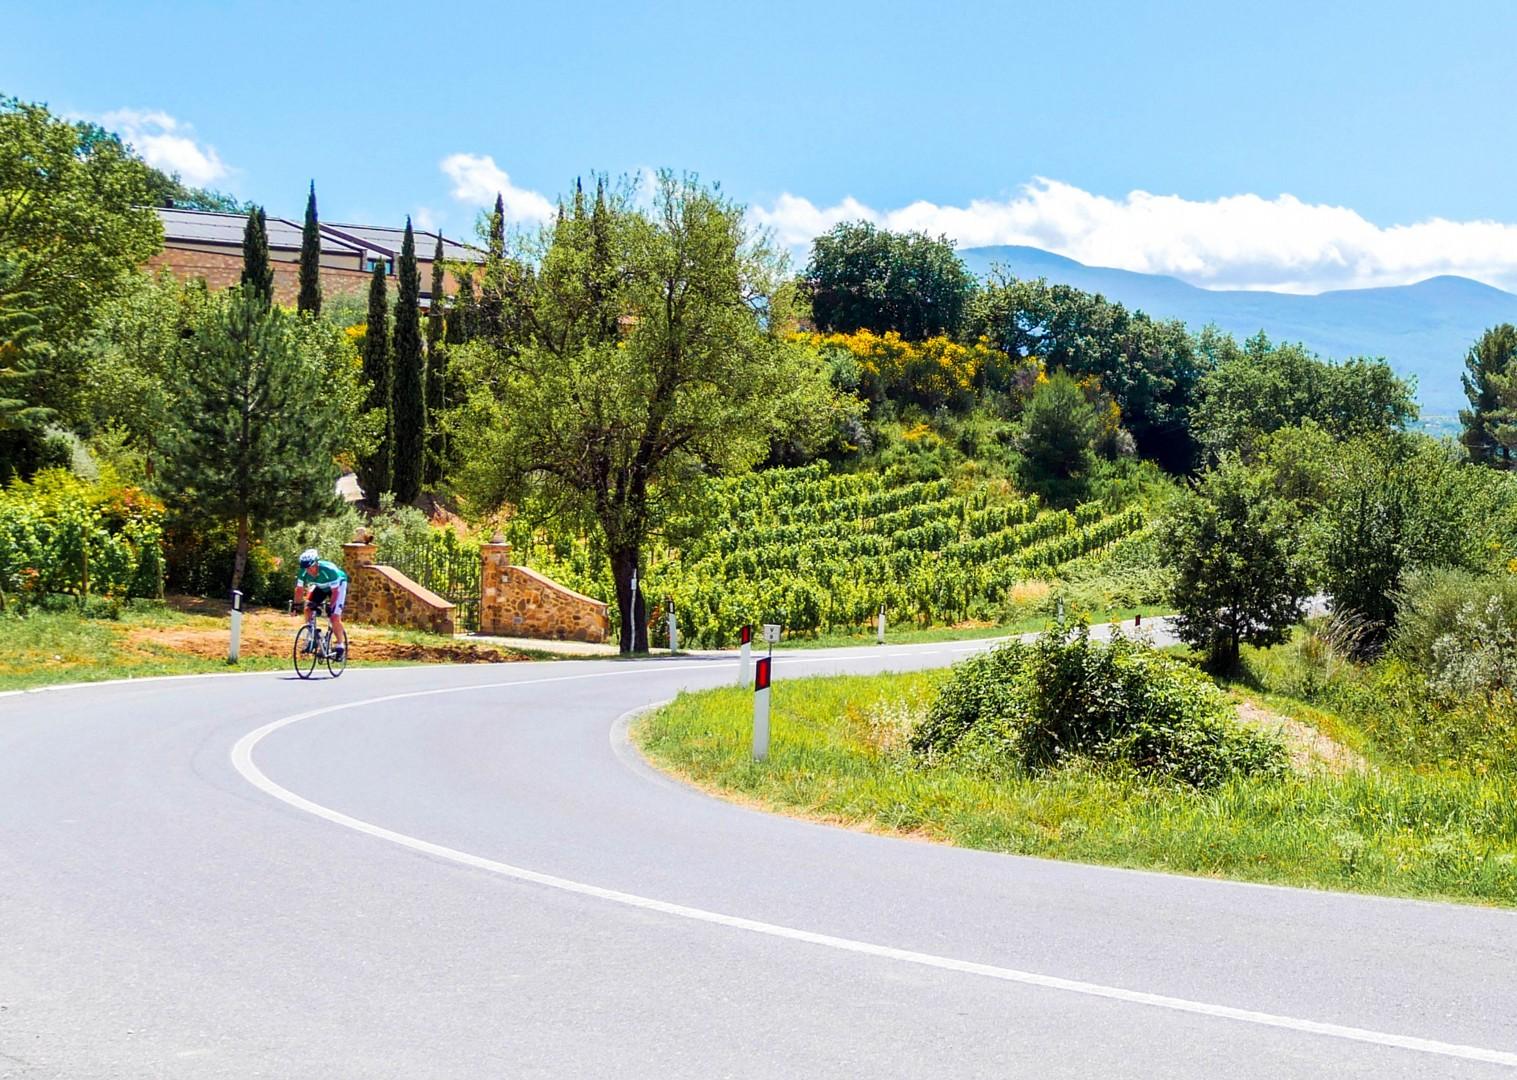 Ian-2.jpg - Italy - Tuscany - Giro della Toscana - Guided Road Cycling Holiday - Road Cycling